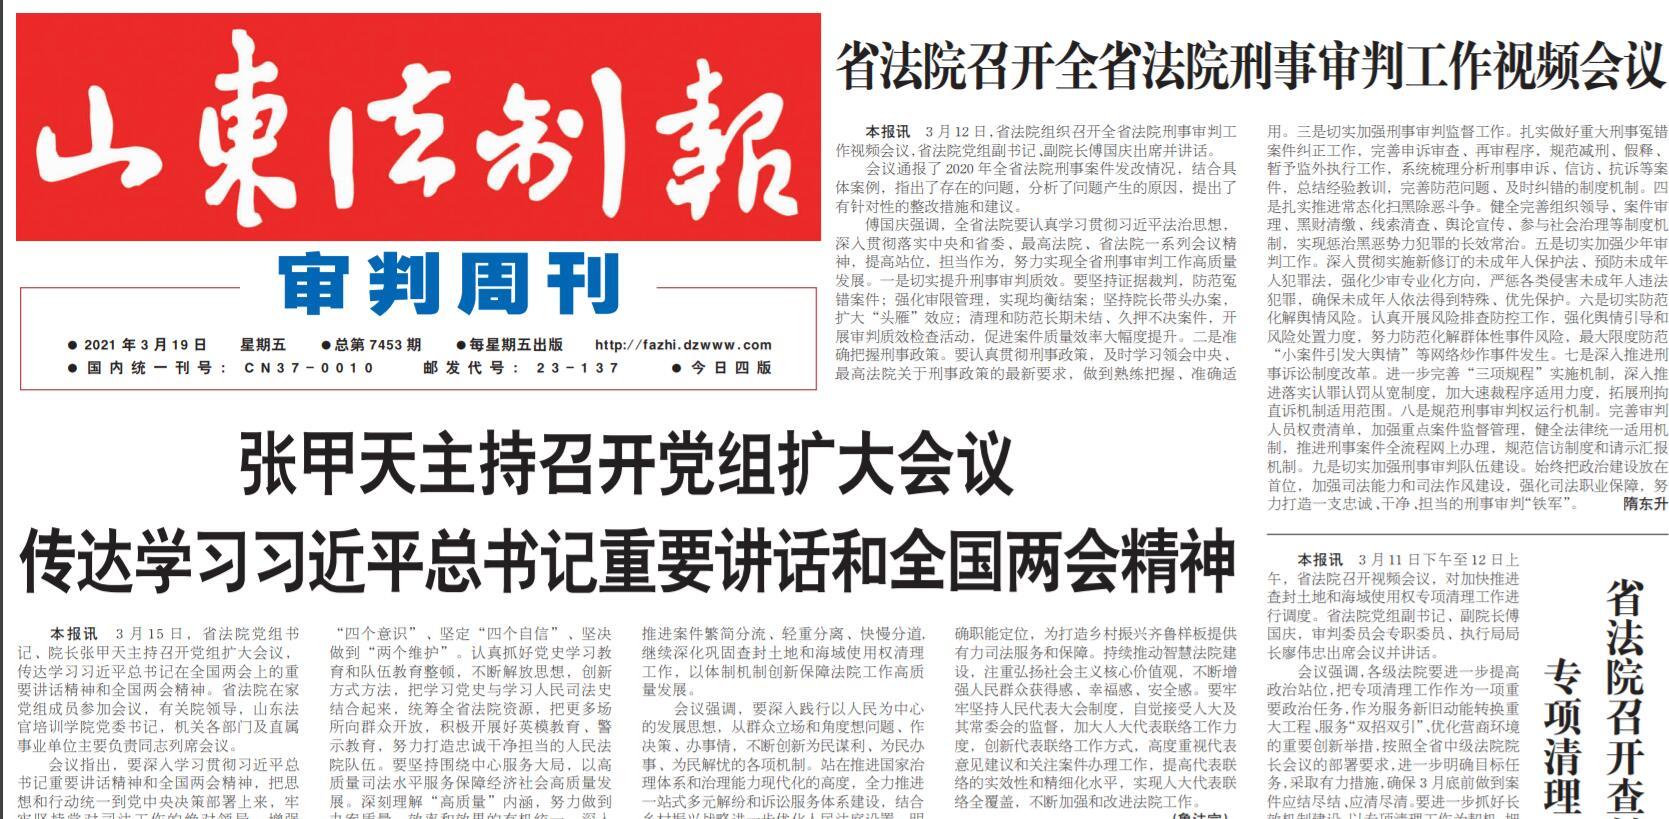 上海科技报社登报电话